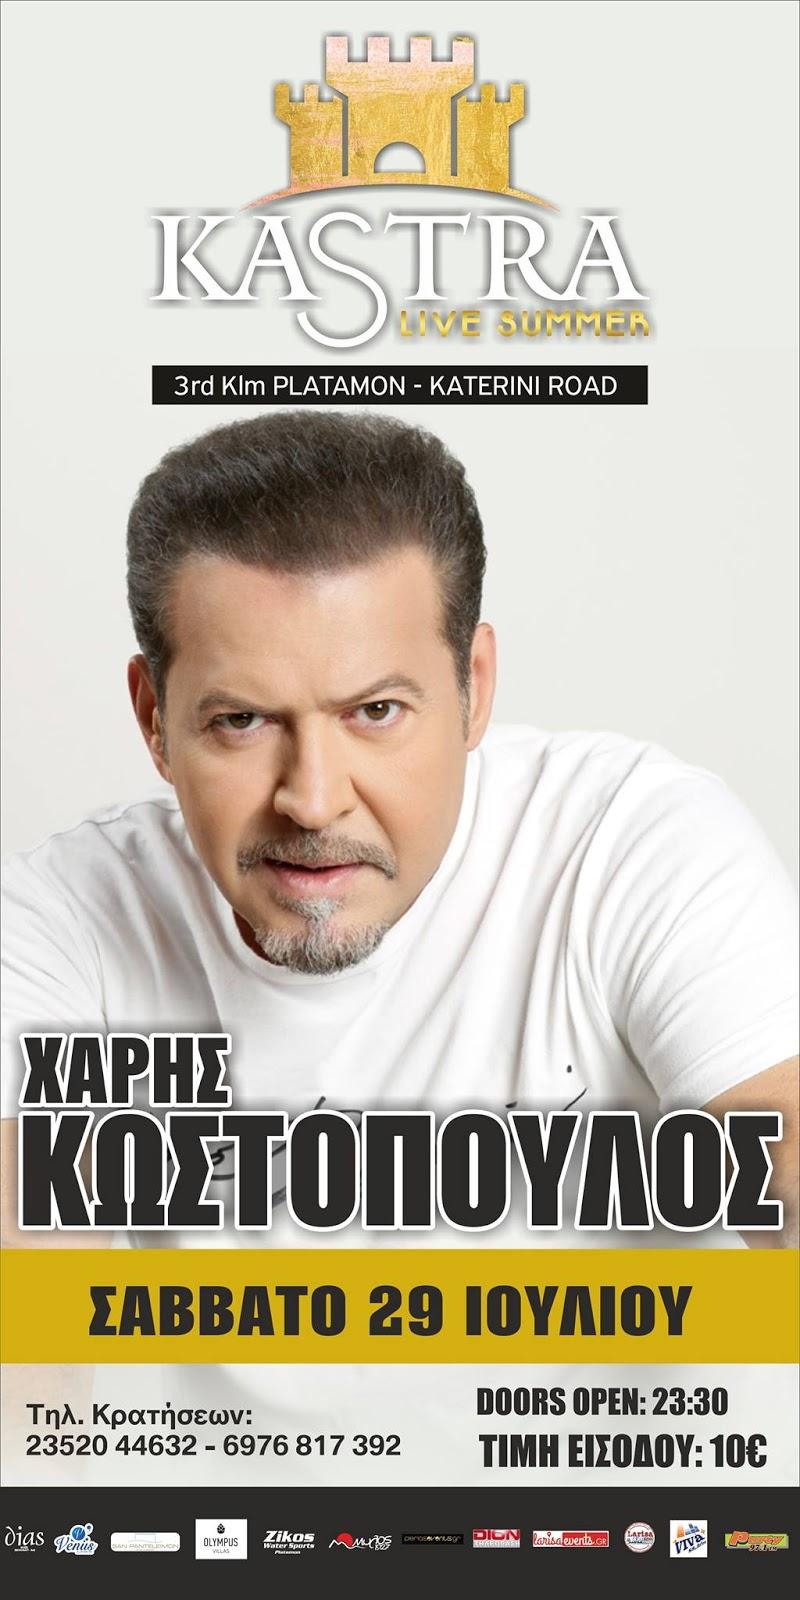 Ο Χάρης Κωστόπουλος αυτό το Σάββατο στο KASTRA Live Summer !